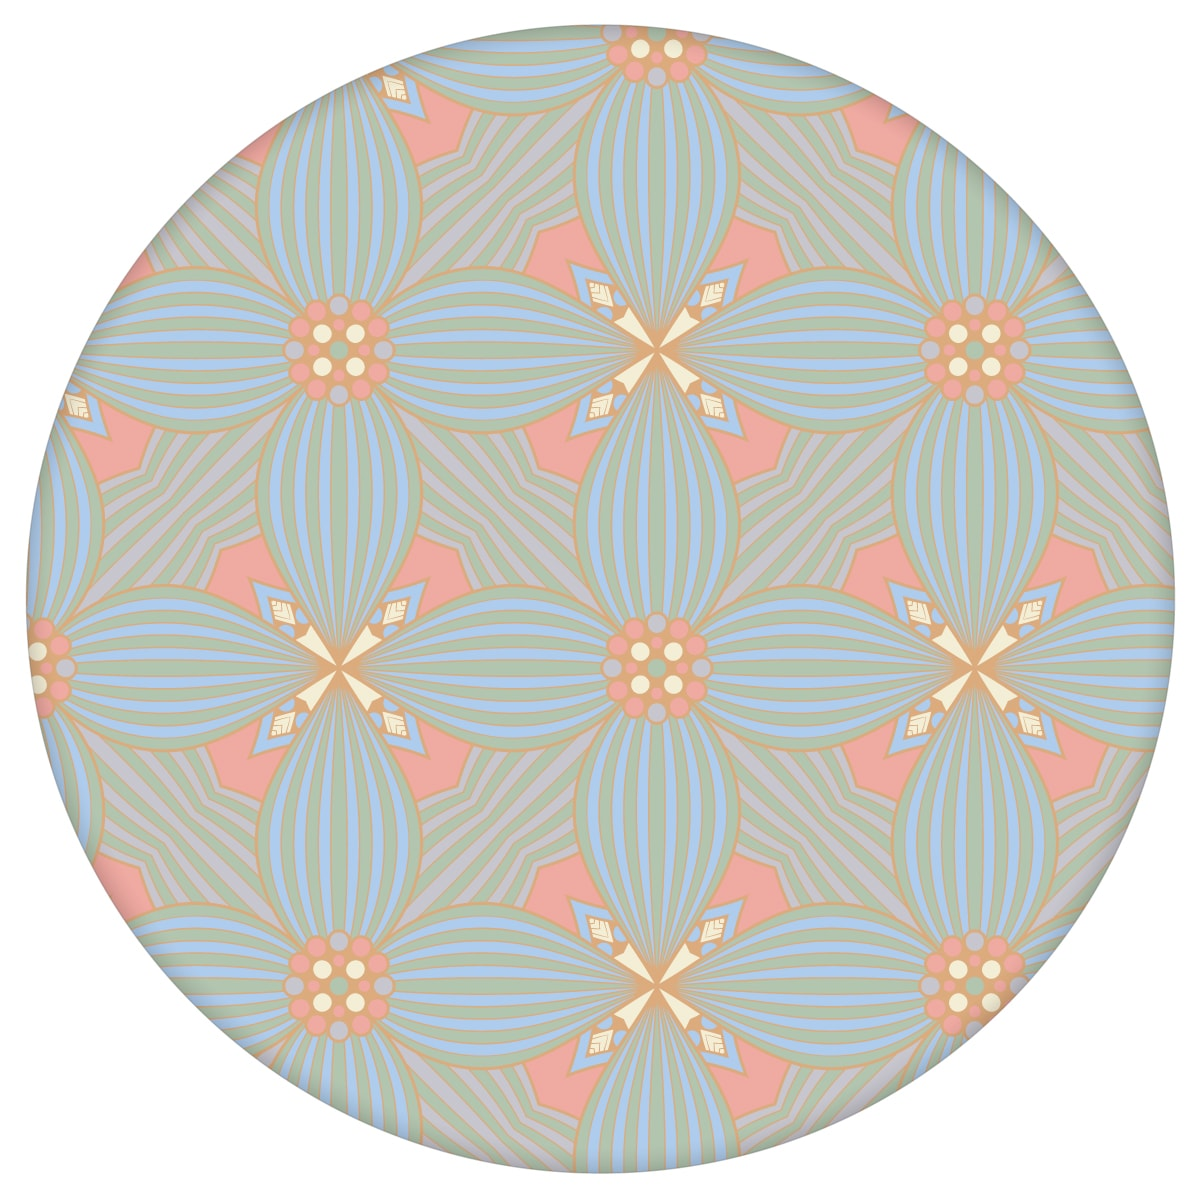 Lilly Ornamenttapete Art Deko Muster groß in pastell blau, Design Tapete als Wandgestaltung aus den Tapeten Neuheiten Exklusive Tapete für schönes Wohnen als Naturaltouch Luxus Vliestapete oder Basic Vliestapete